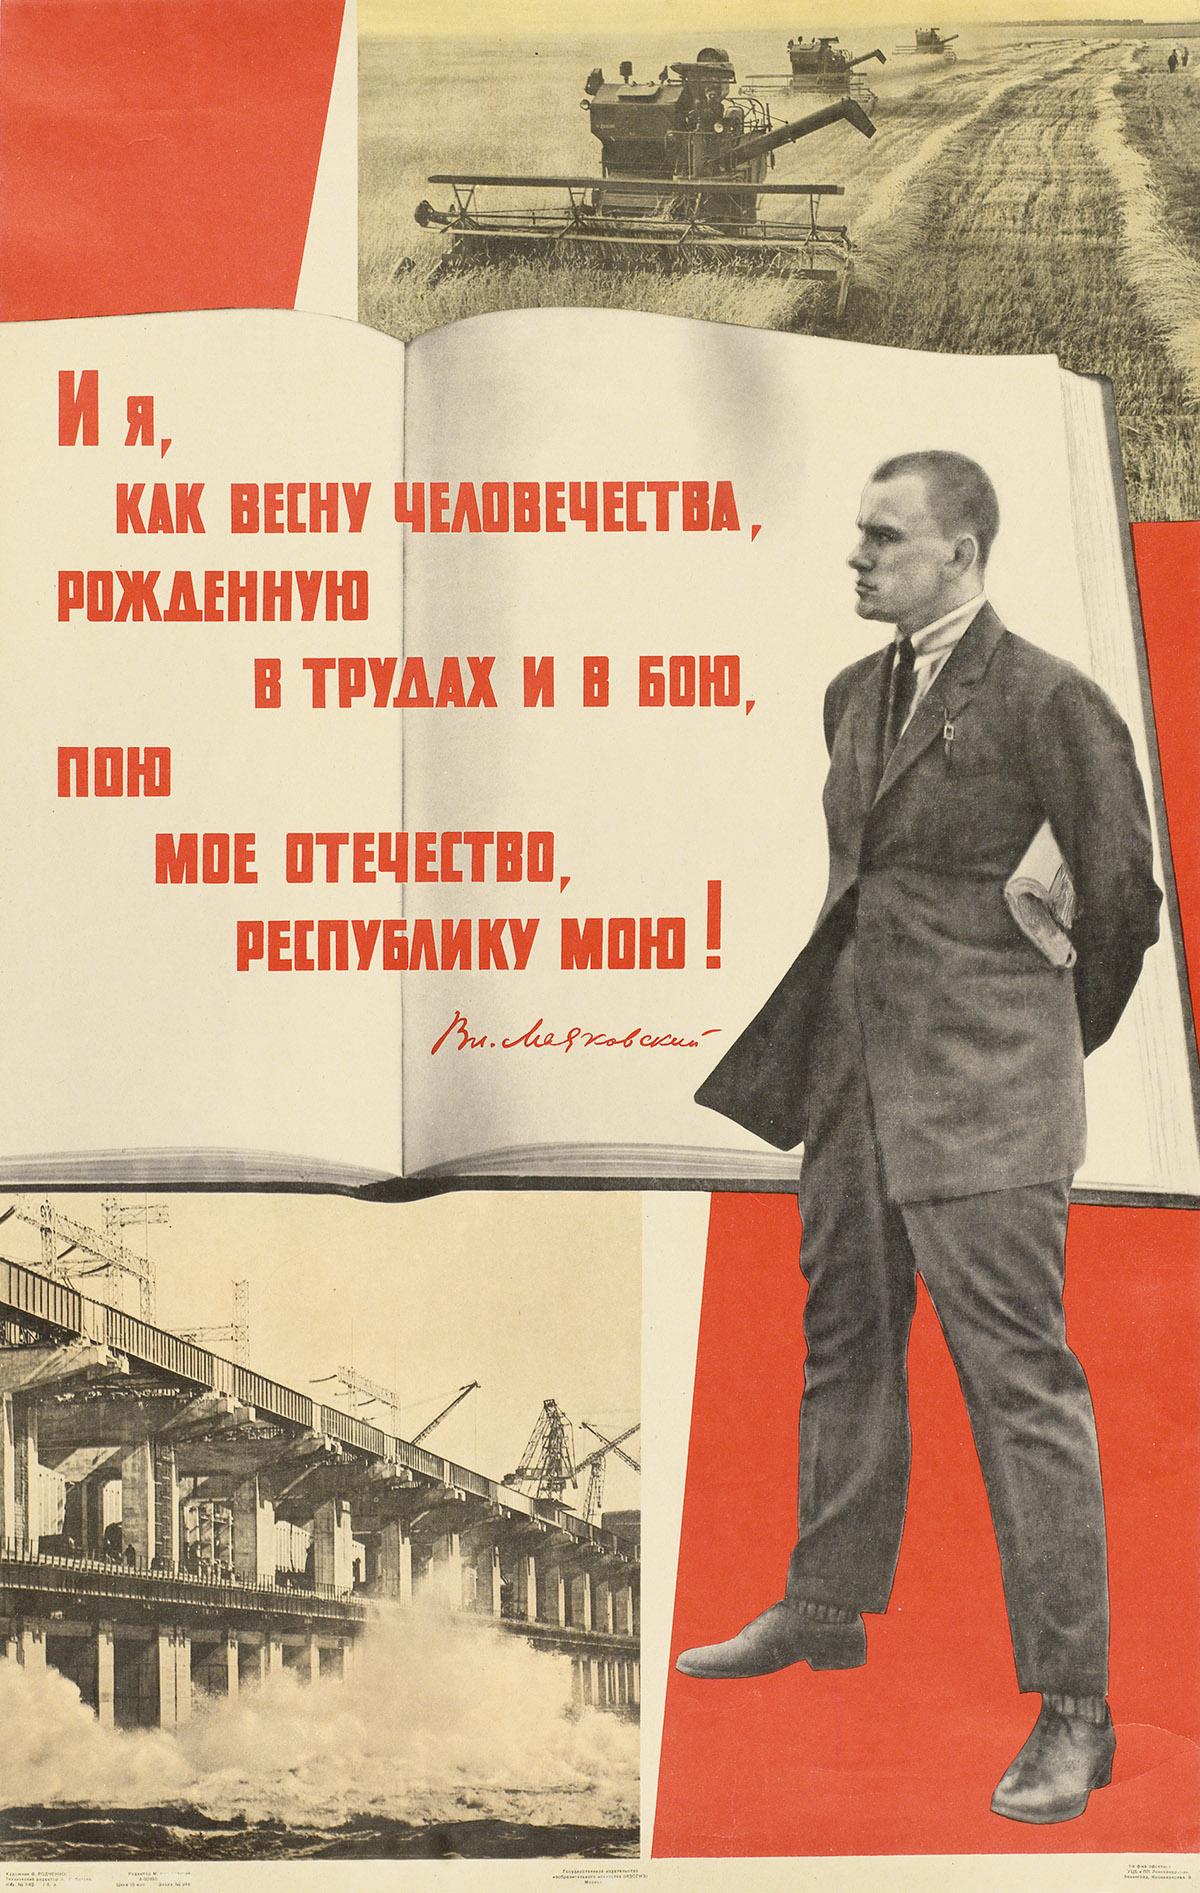 ALEXANDER-(1891-1956)--VAVARA-RODCHENKO-(1894-1958)-[MAYAKOV